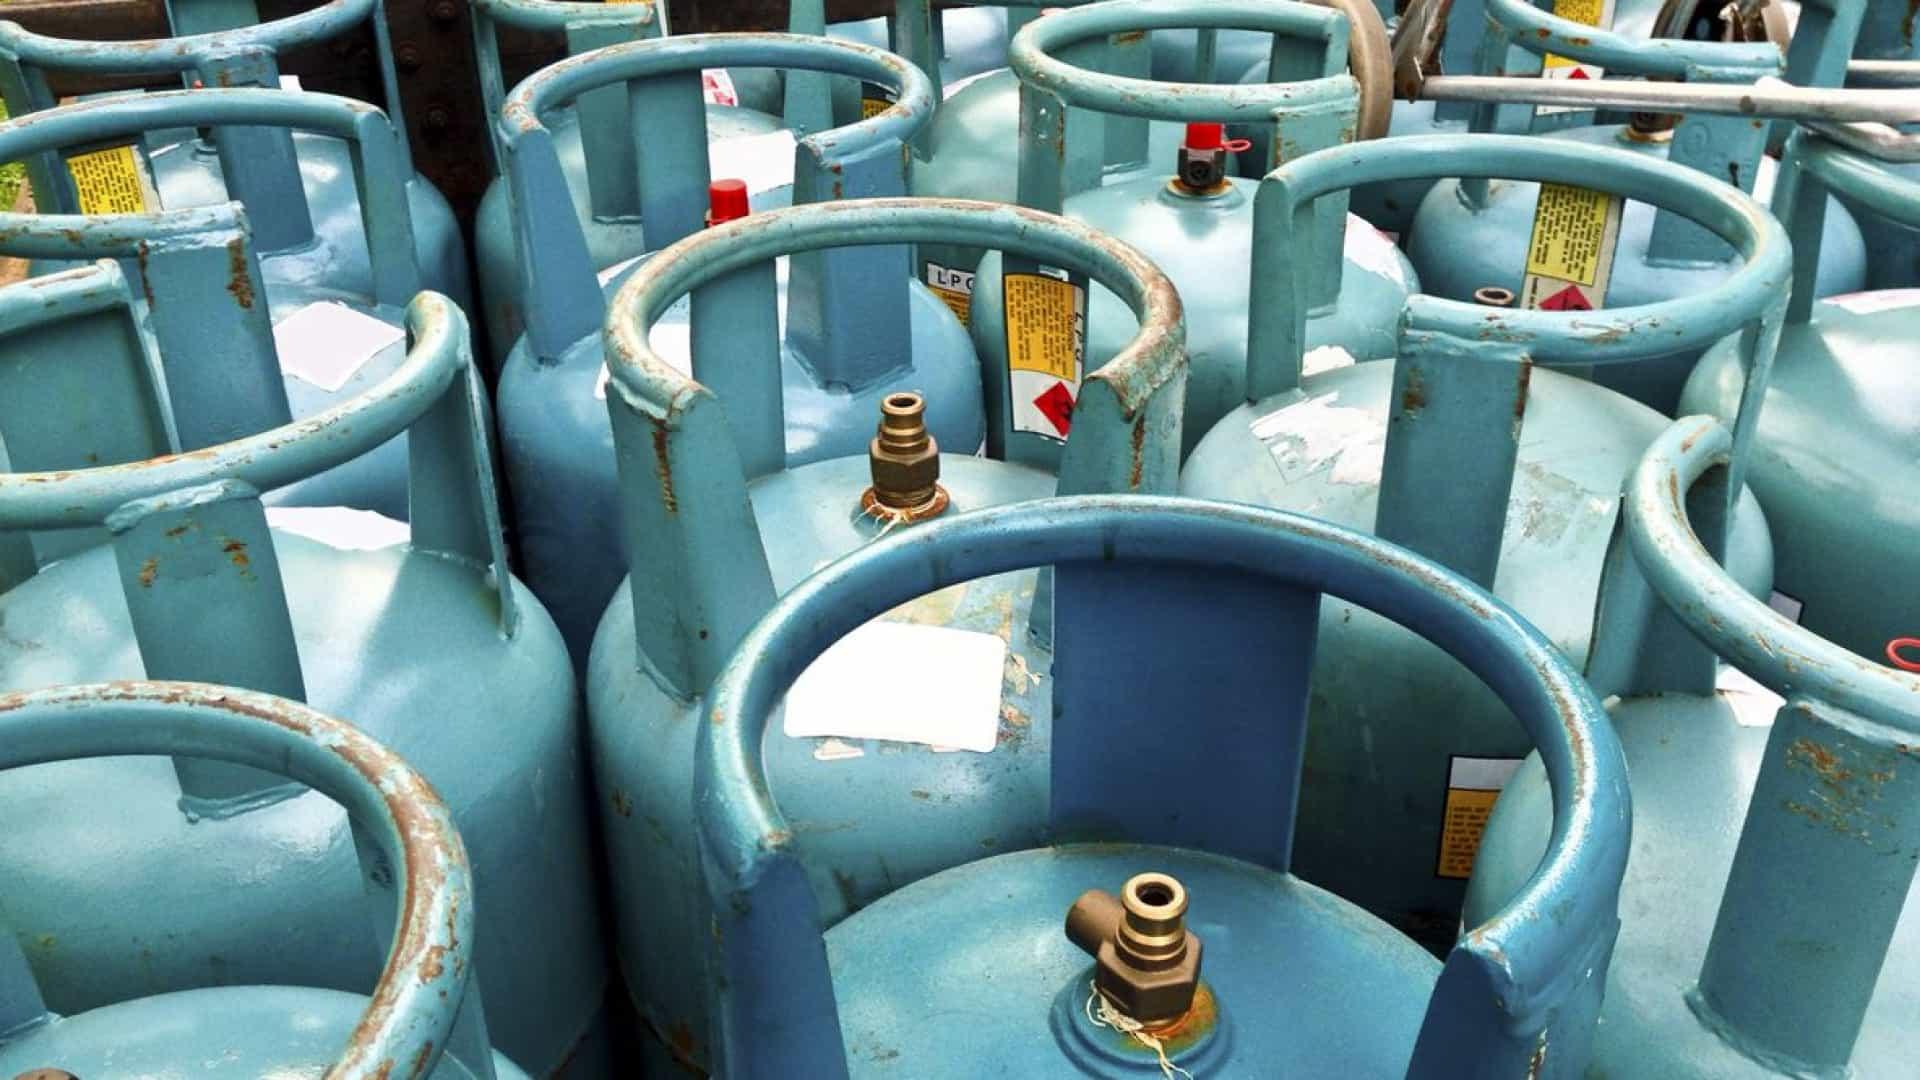 Botijas de gás com limite máximo de preço